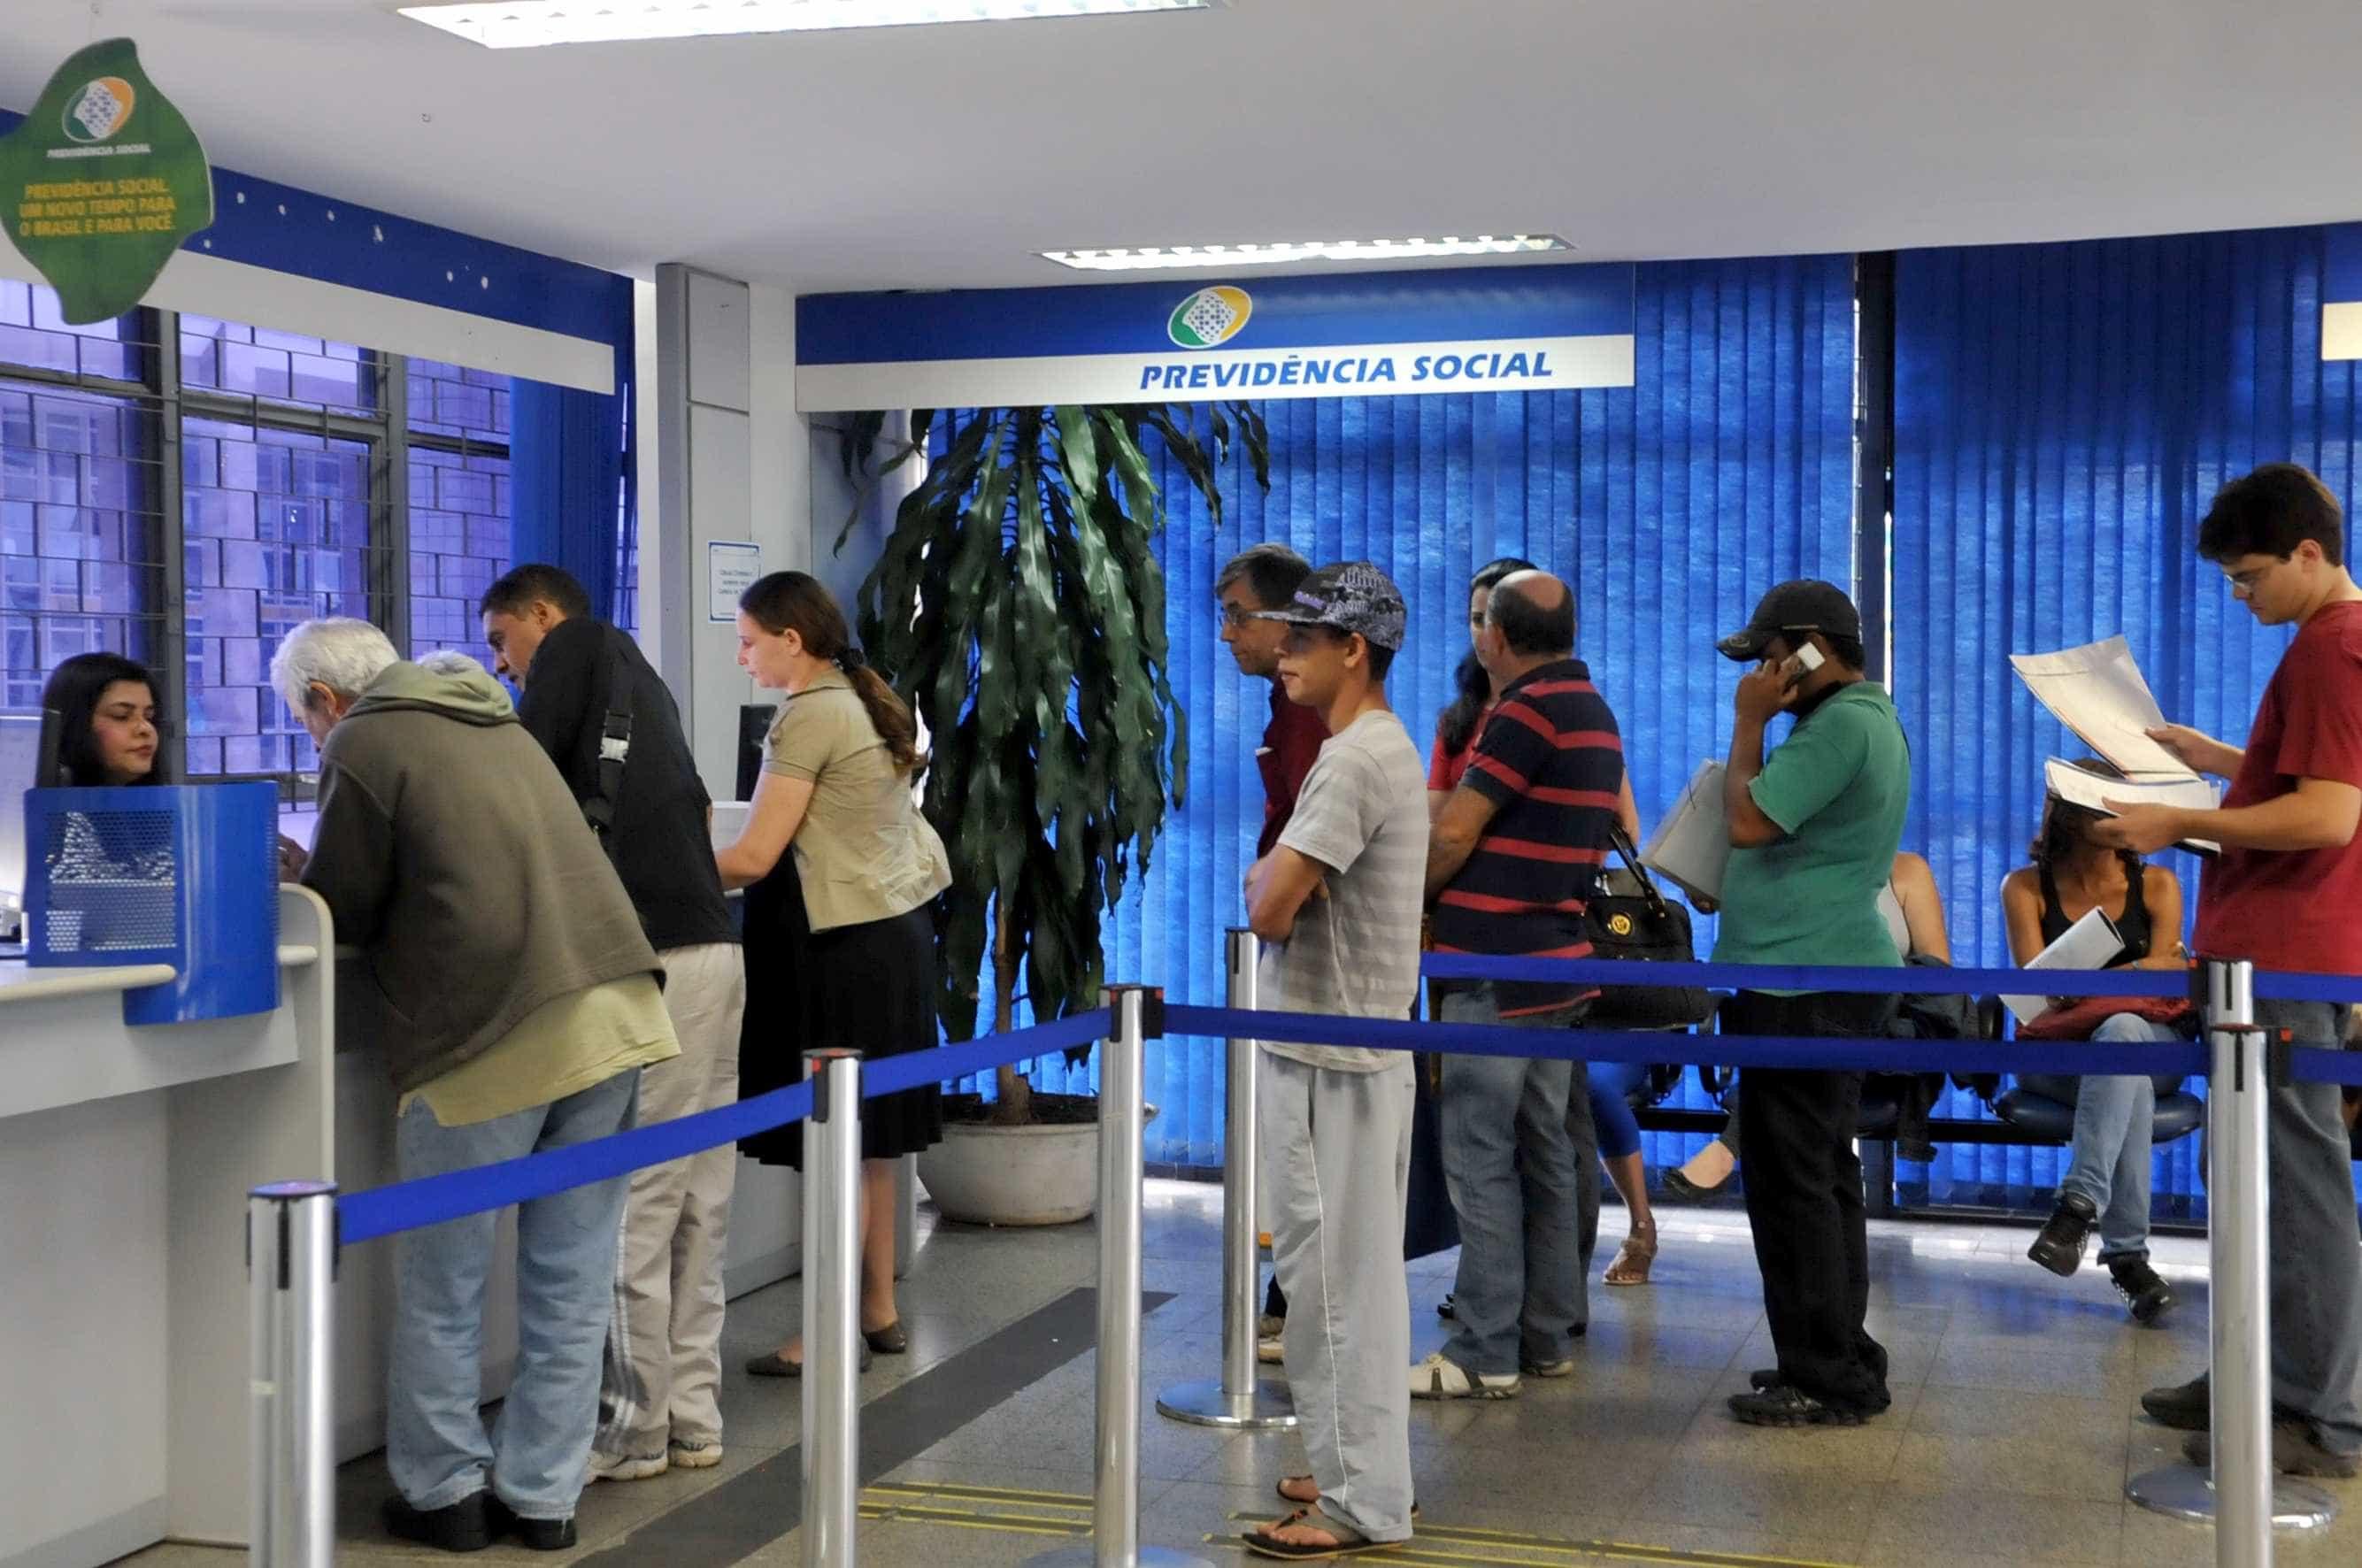 Governo está finalizando MP contra fraudes no INSS, diz Marinho